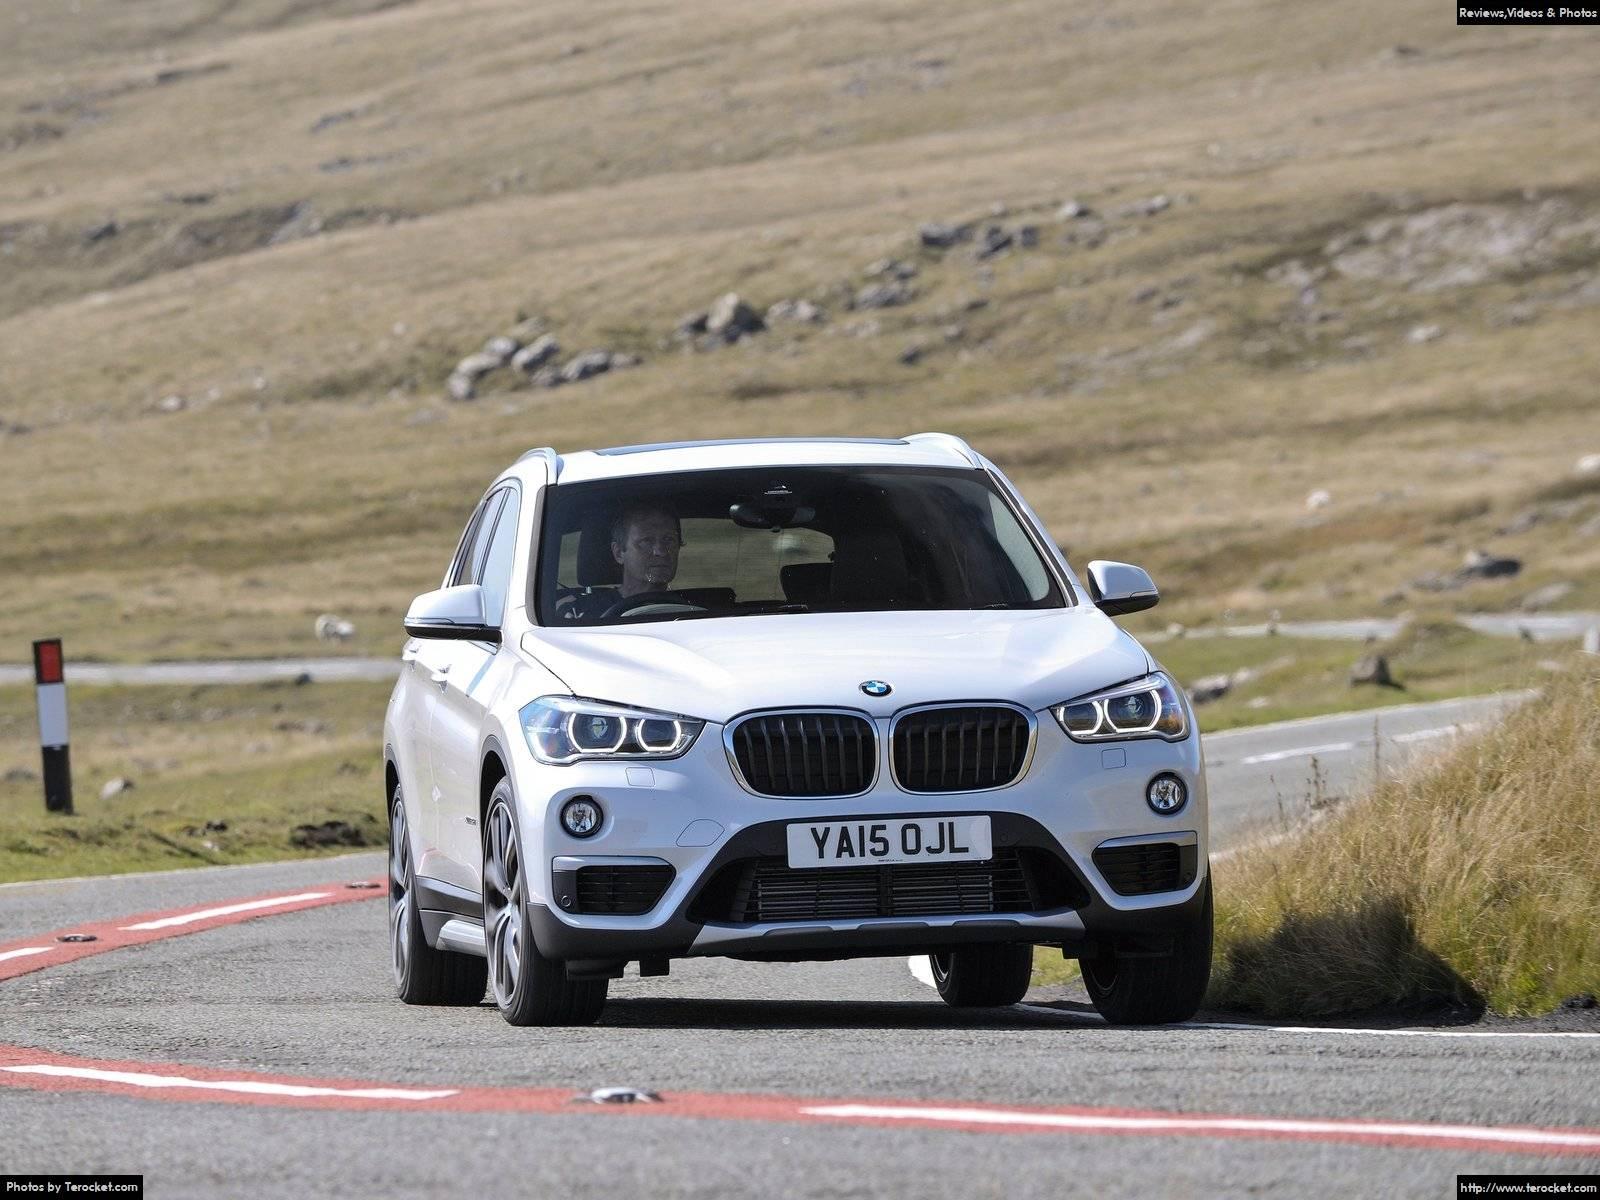 Hình ảnh xe ô tô BMW X1 UK-Version 2016 & nội ngoại thất